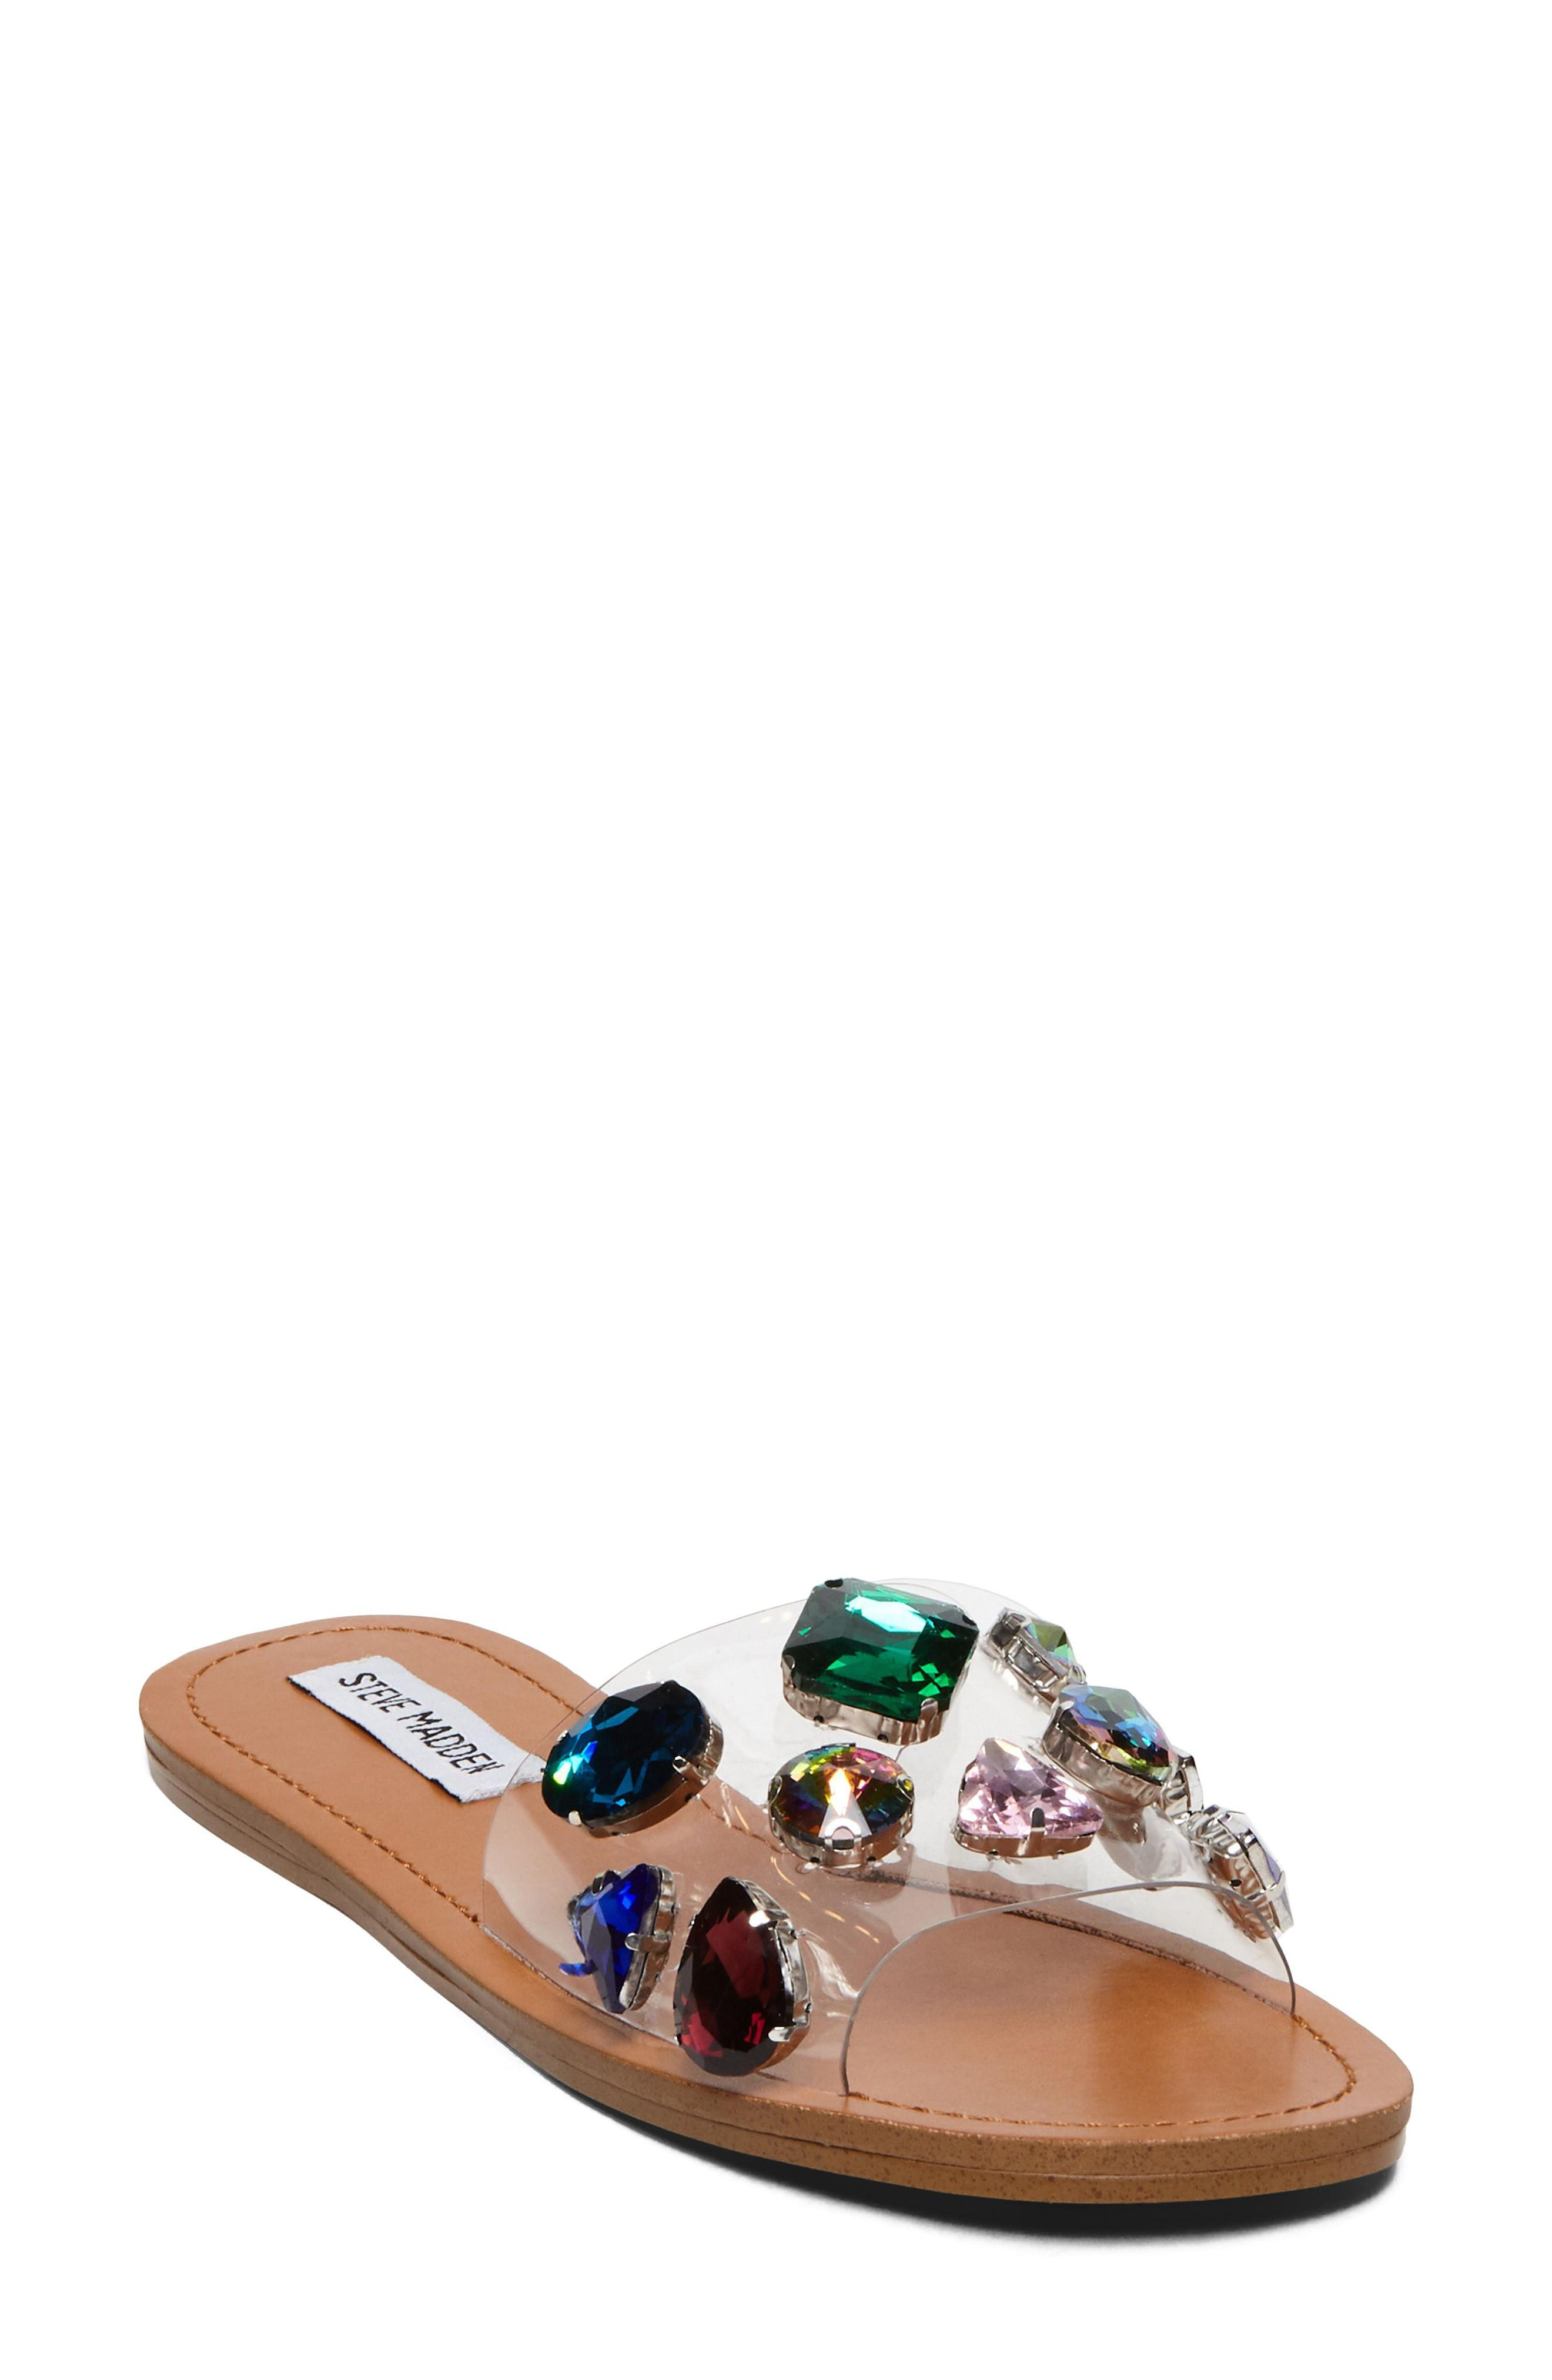 f4c08e6e24c3 Steve Madden Rosalyn Embellished Slide Sandal In Clear